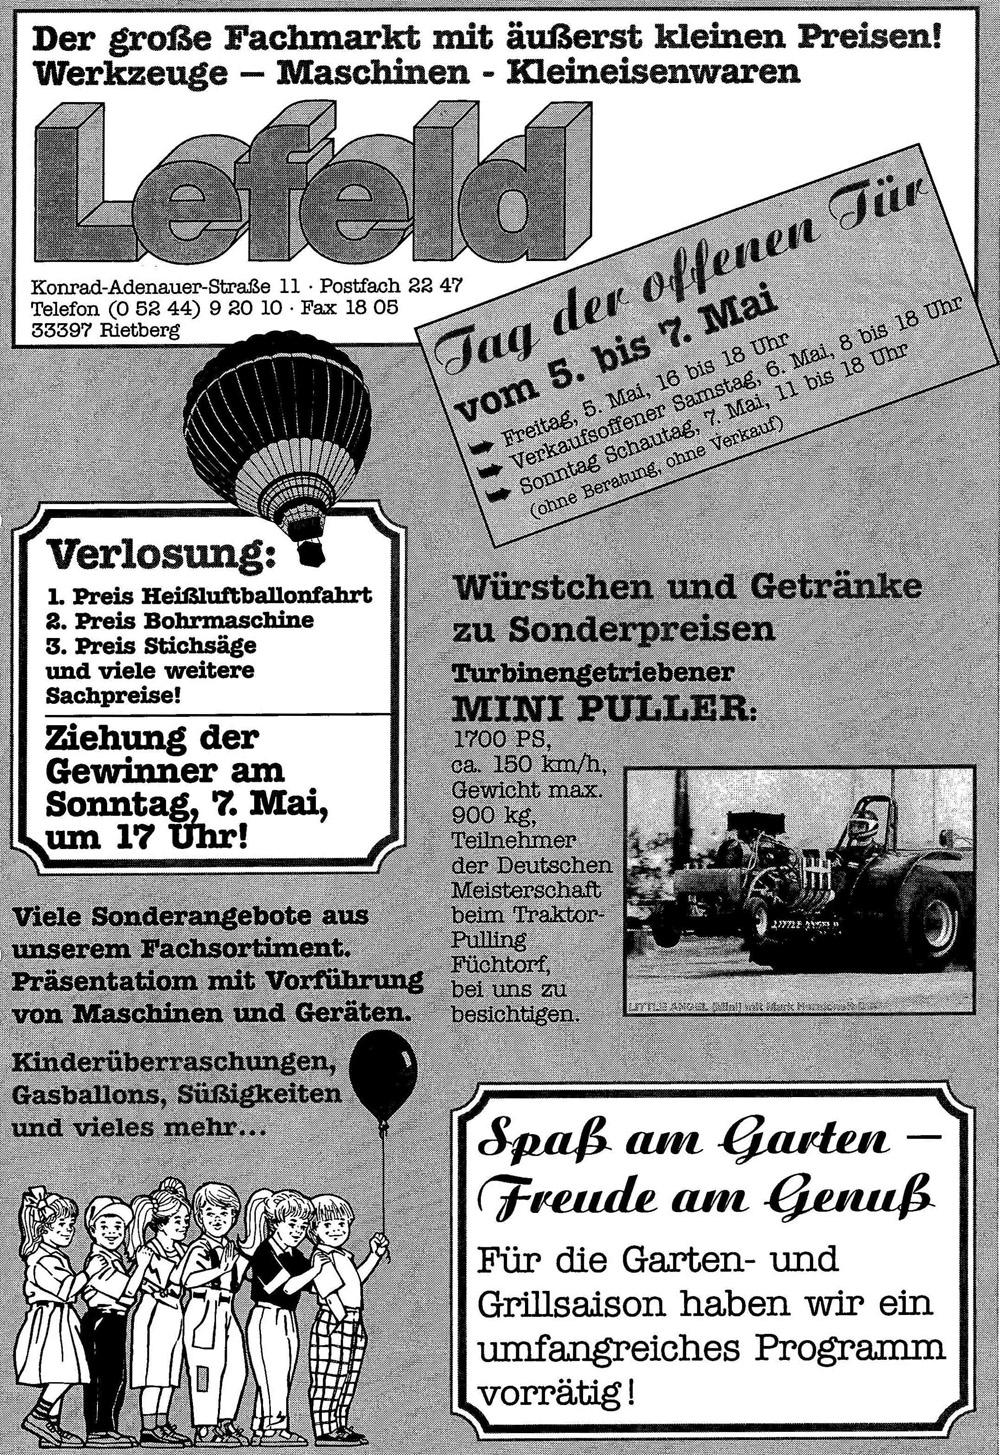 2001 Jubiläum 40 Jahre Tag der offenen Tür